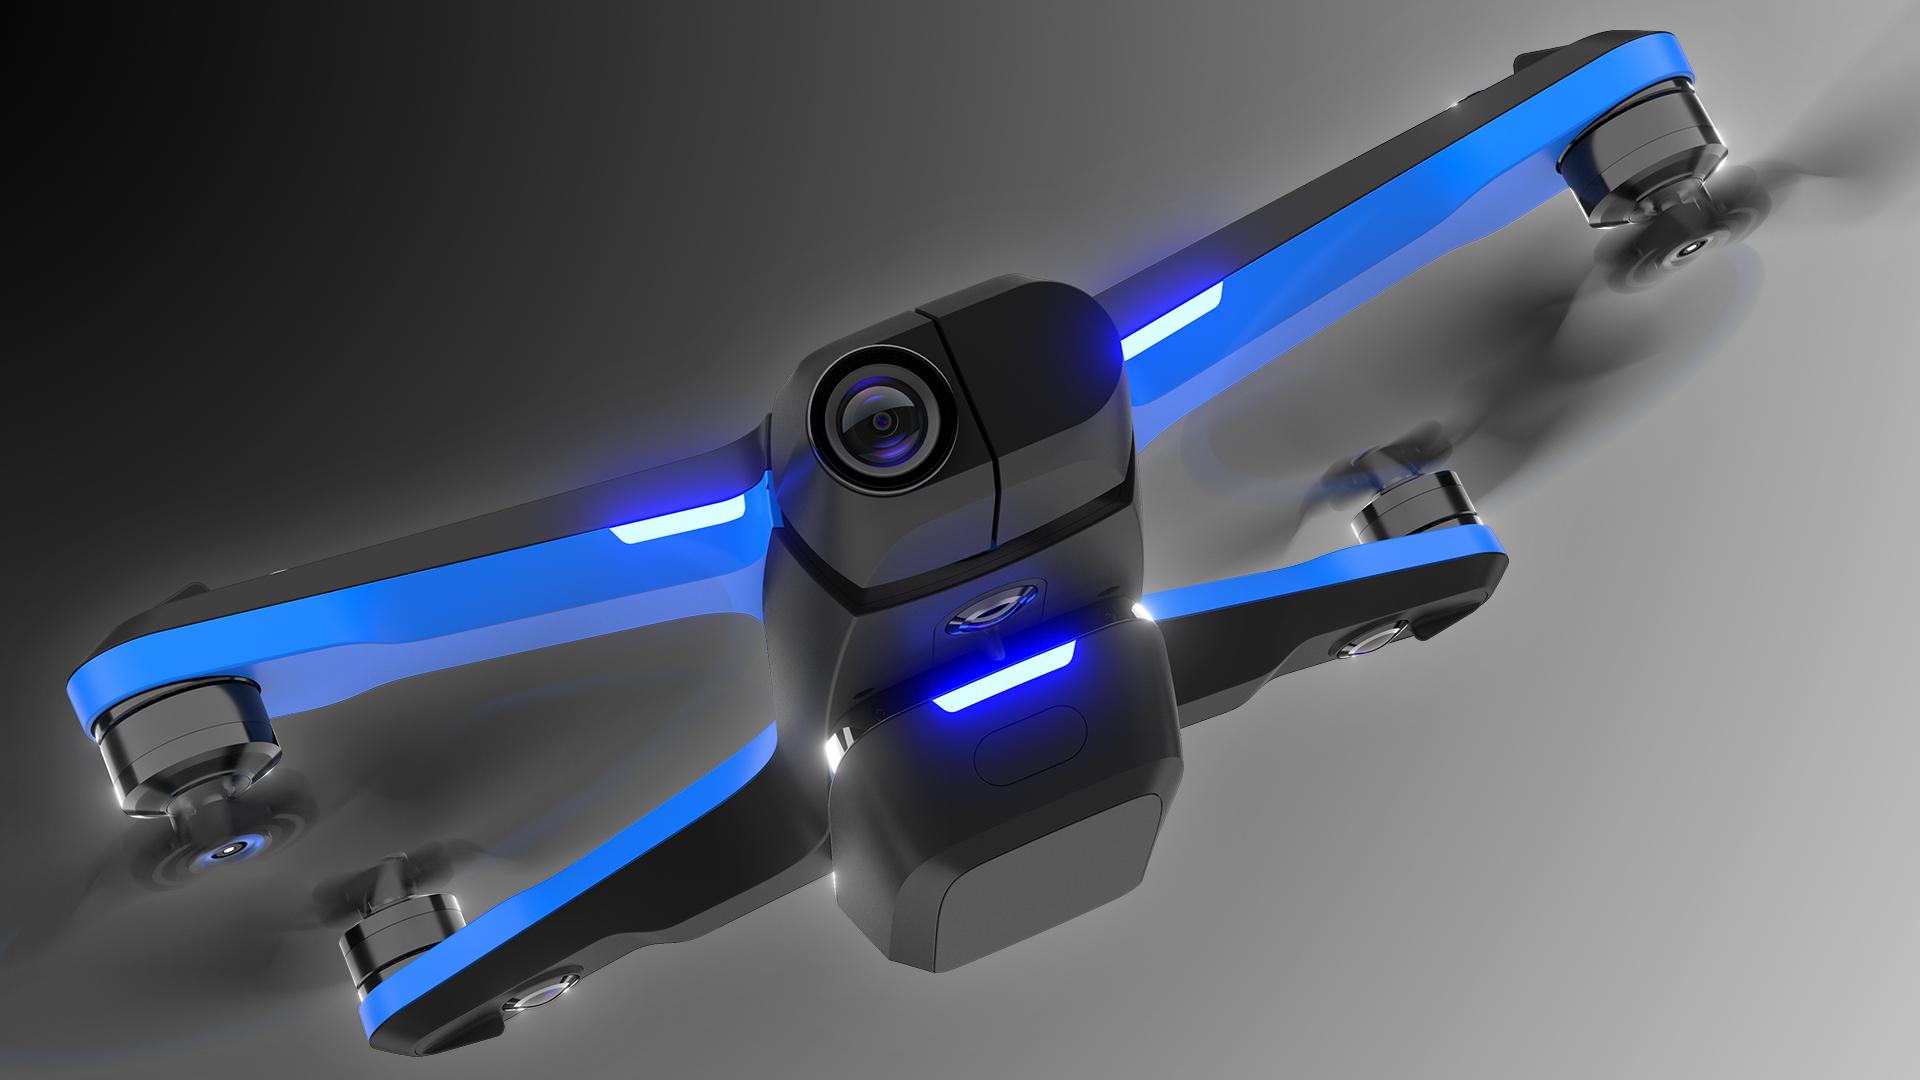 El Skydio 2.0 está aquí - este drone no necesita un piloto